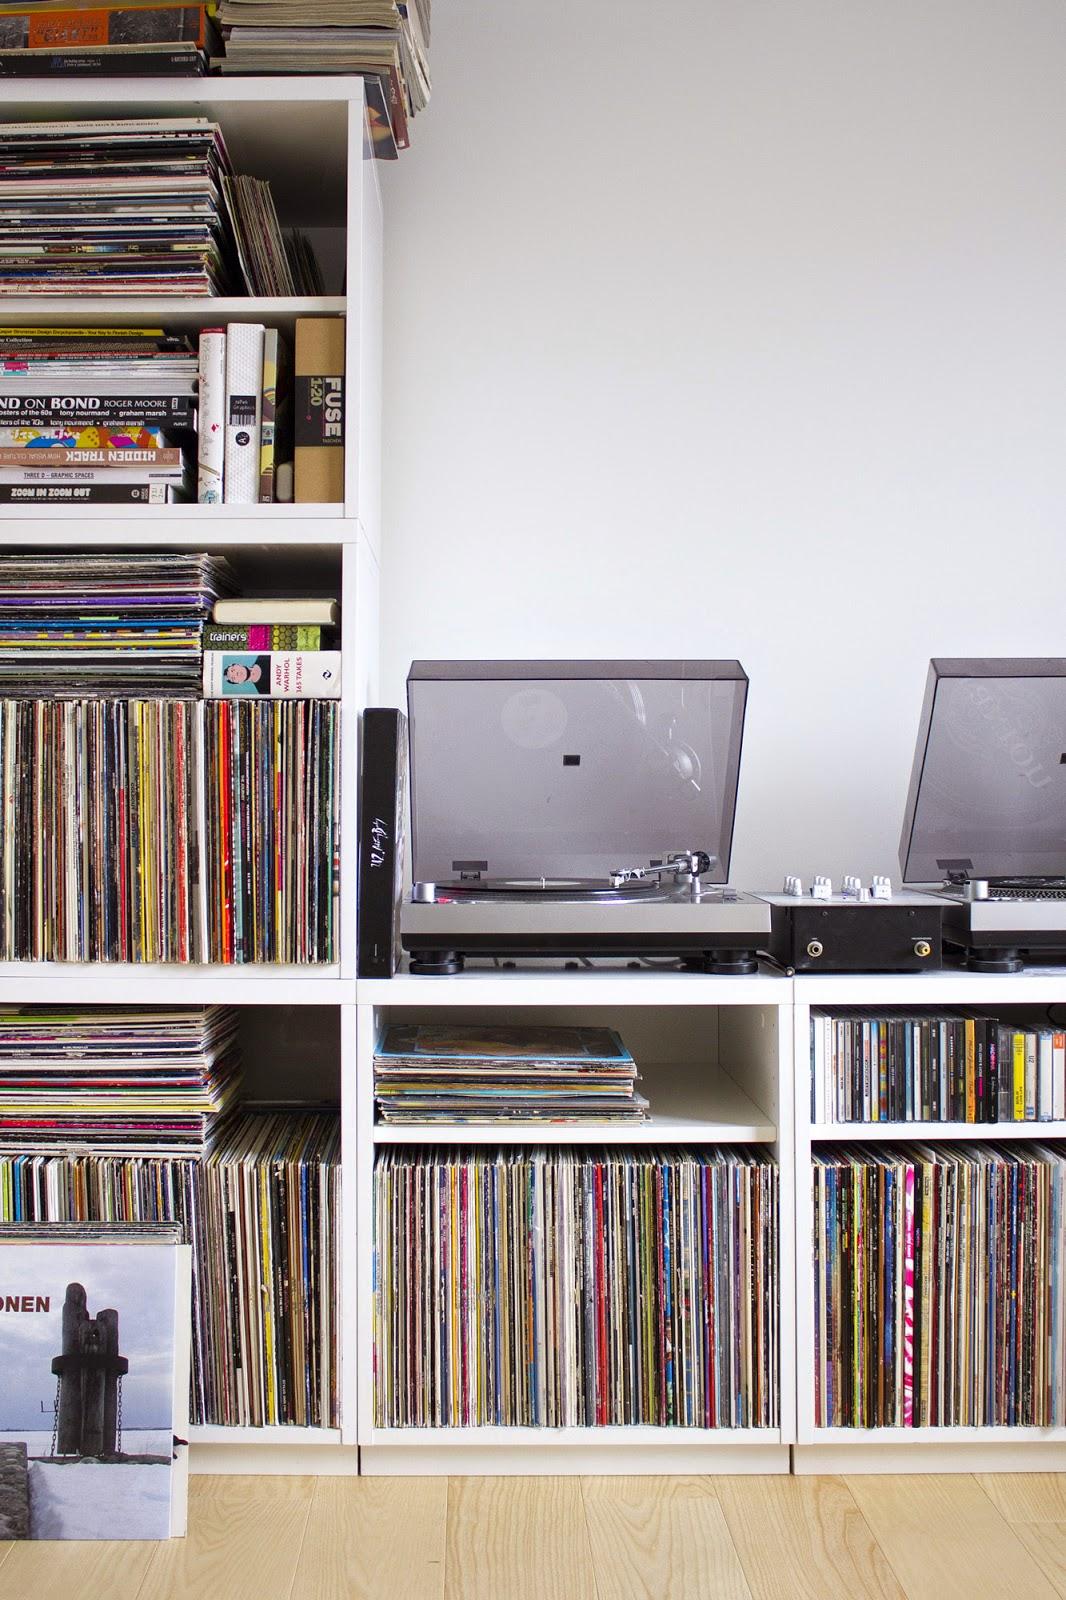 Pieni talo Helsingissä yläaulan levykokoelma